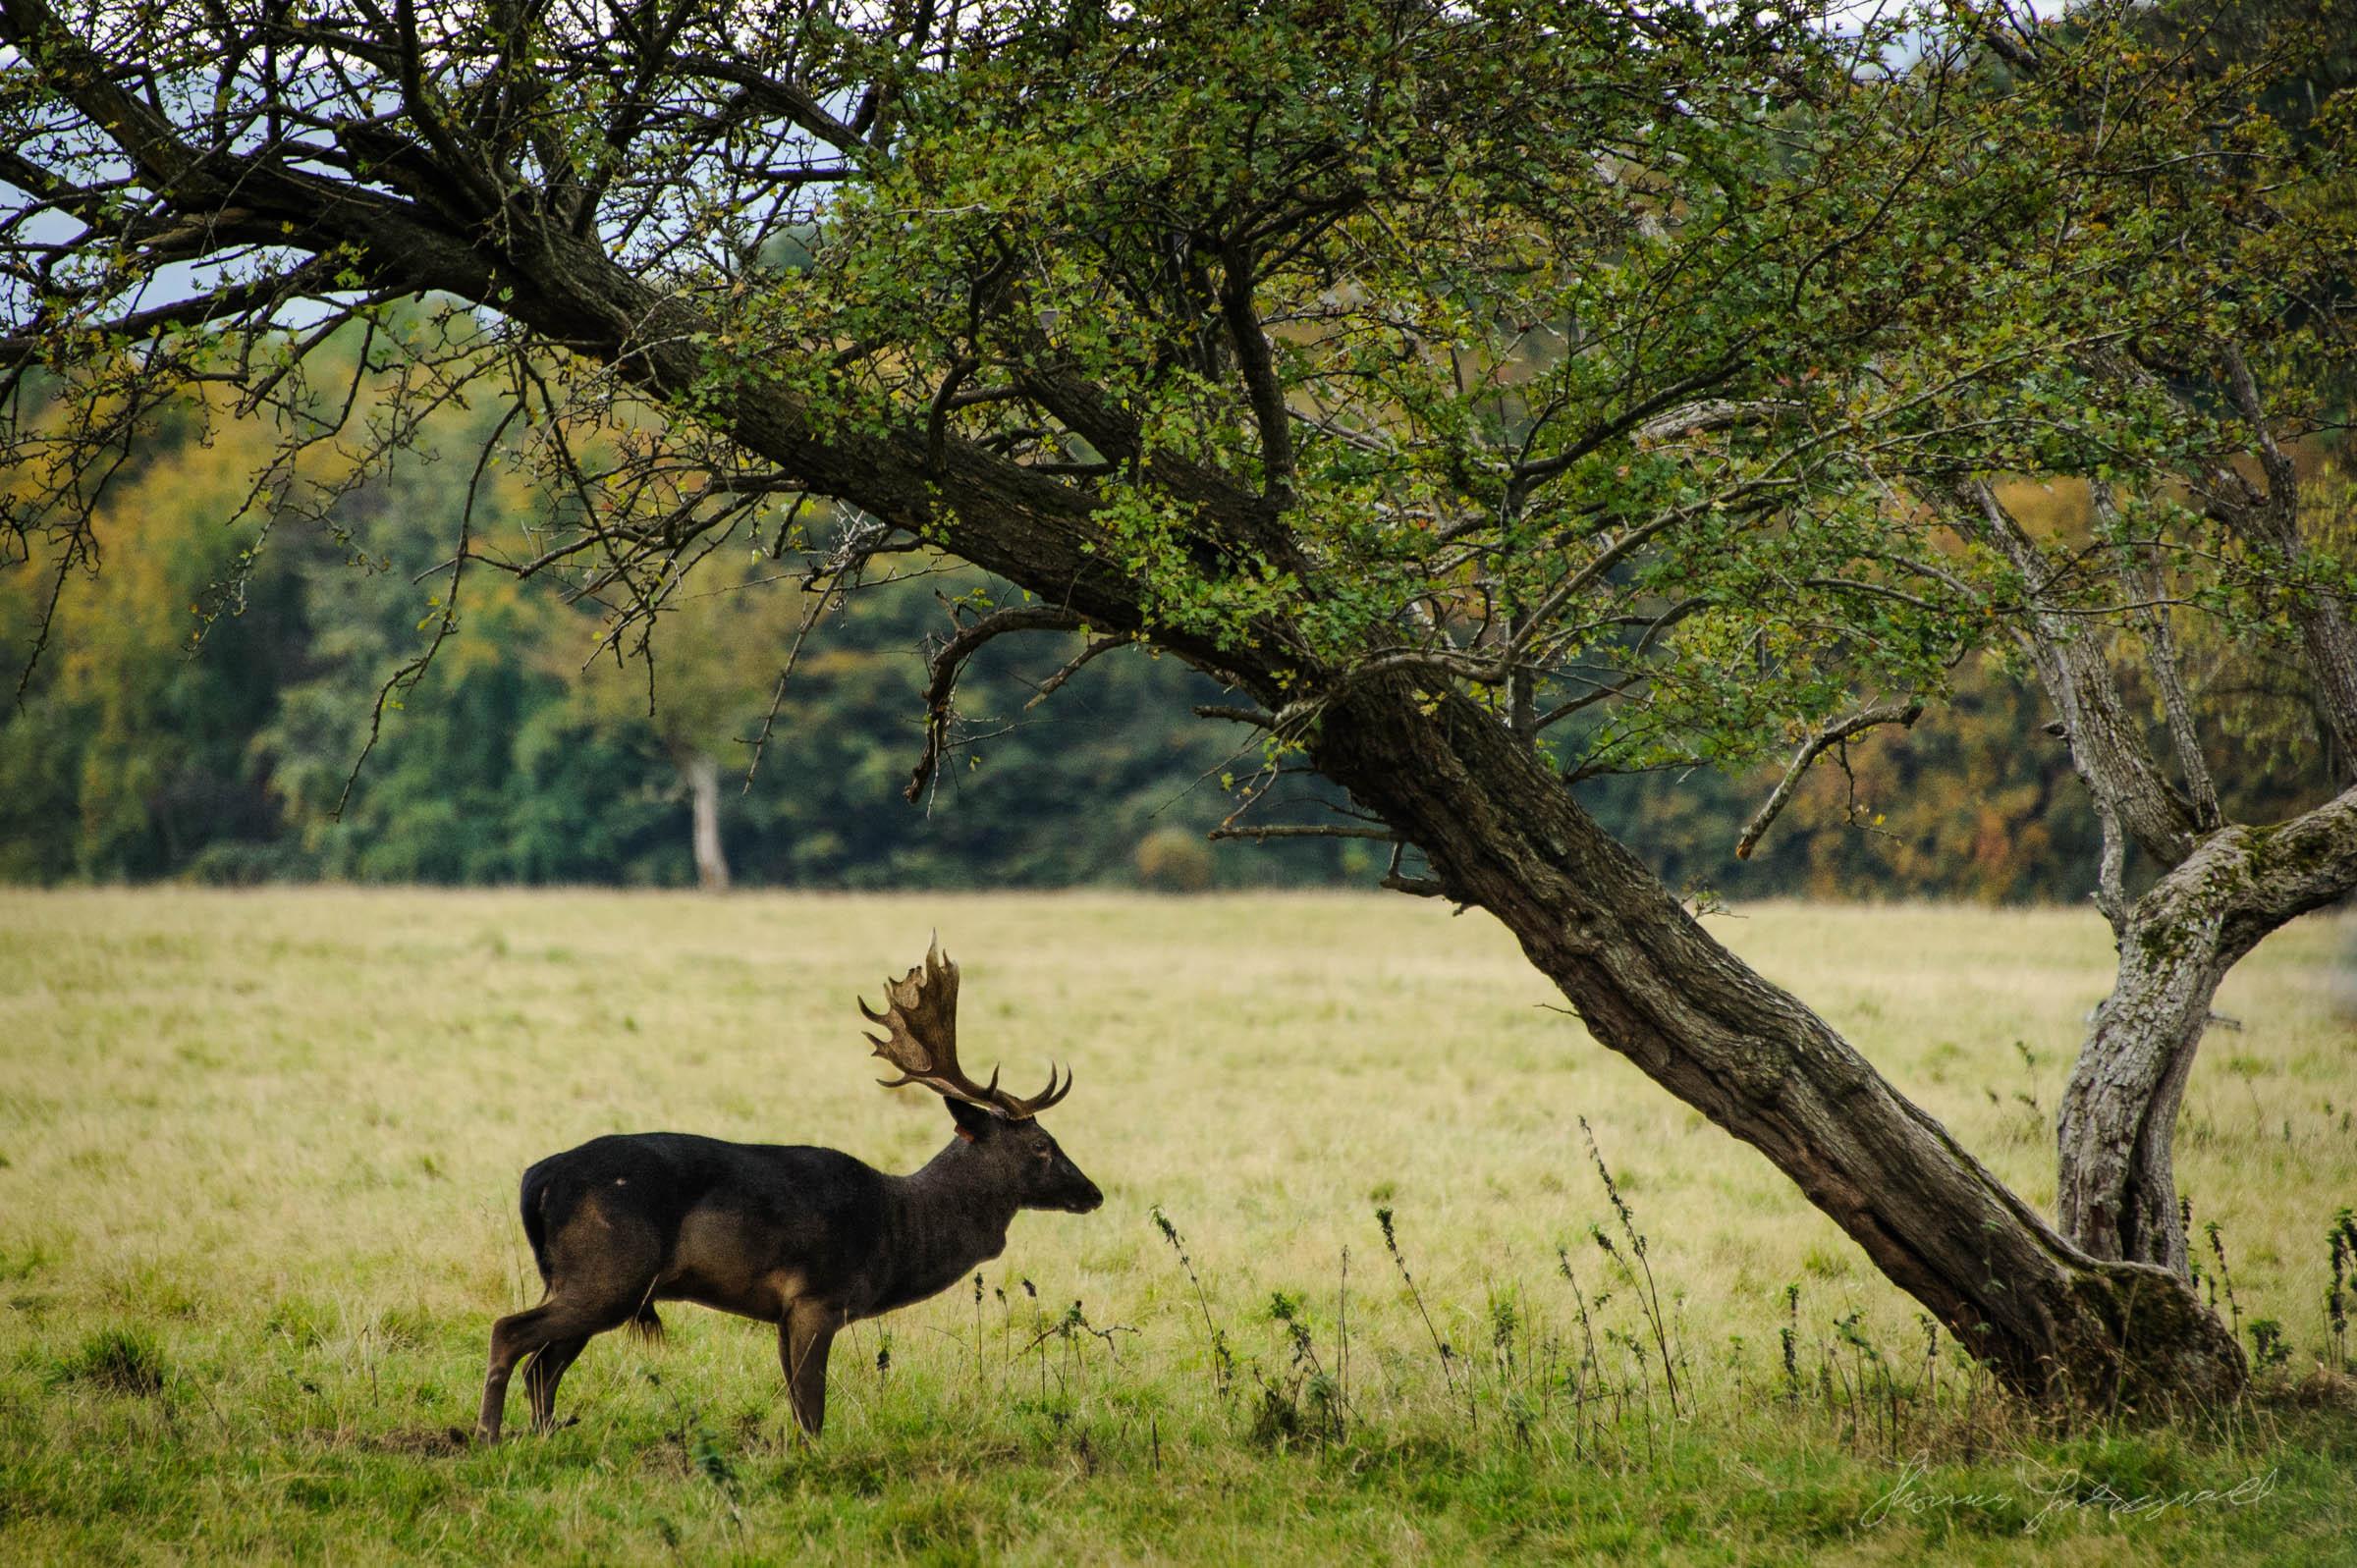 Pheonix-Park-Deer-04.jpg